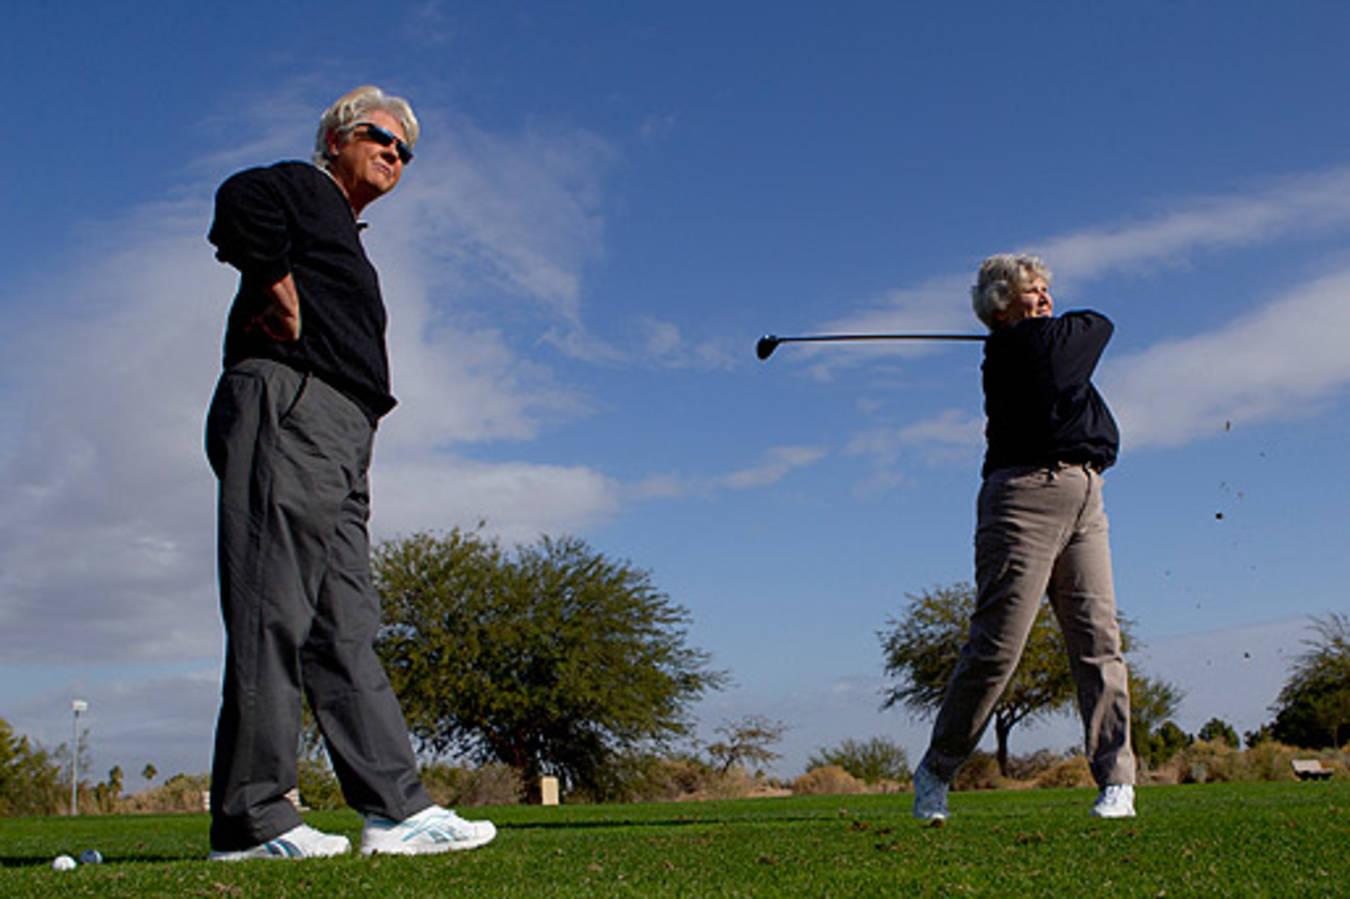 Phoenix city amateur golf